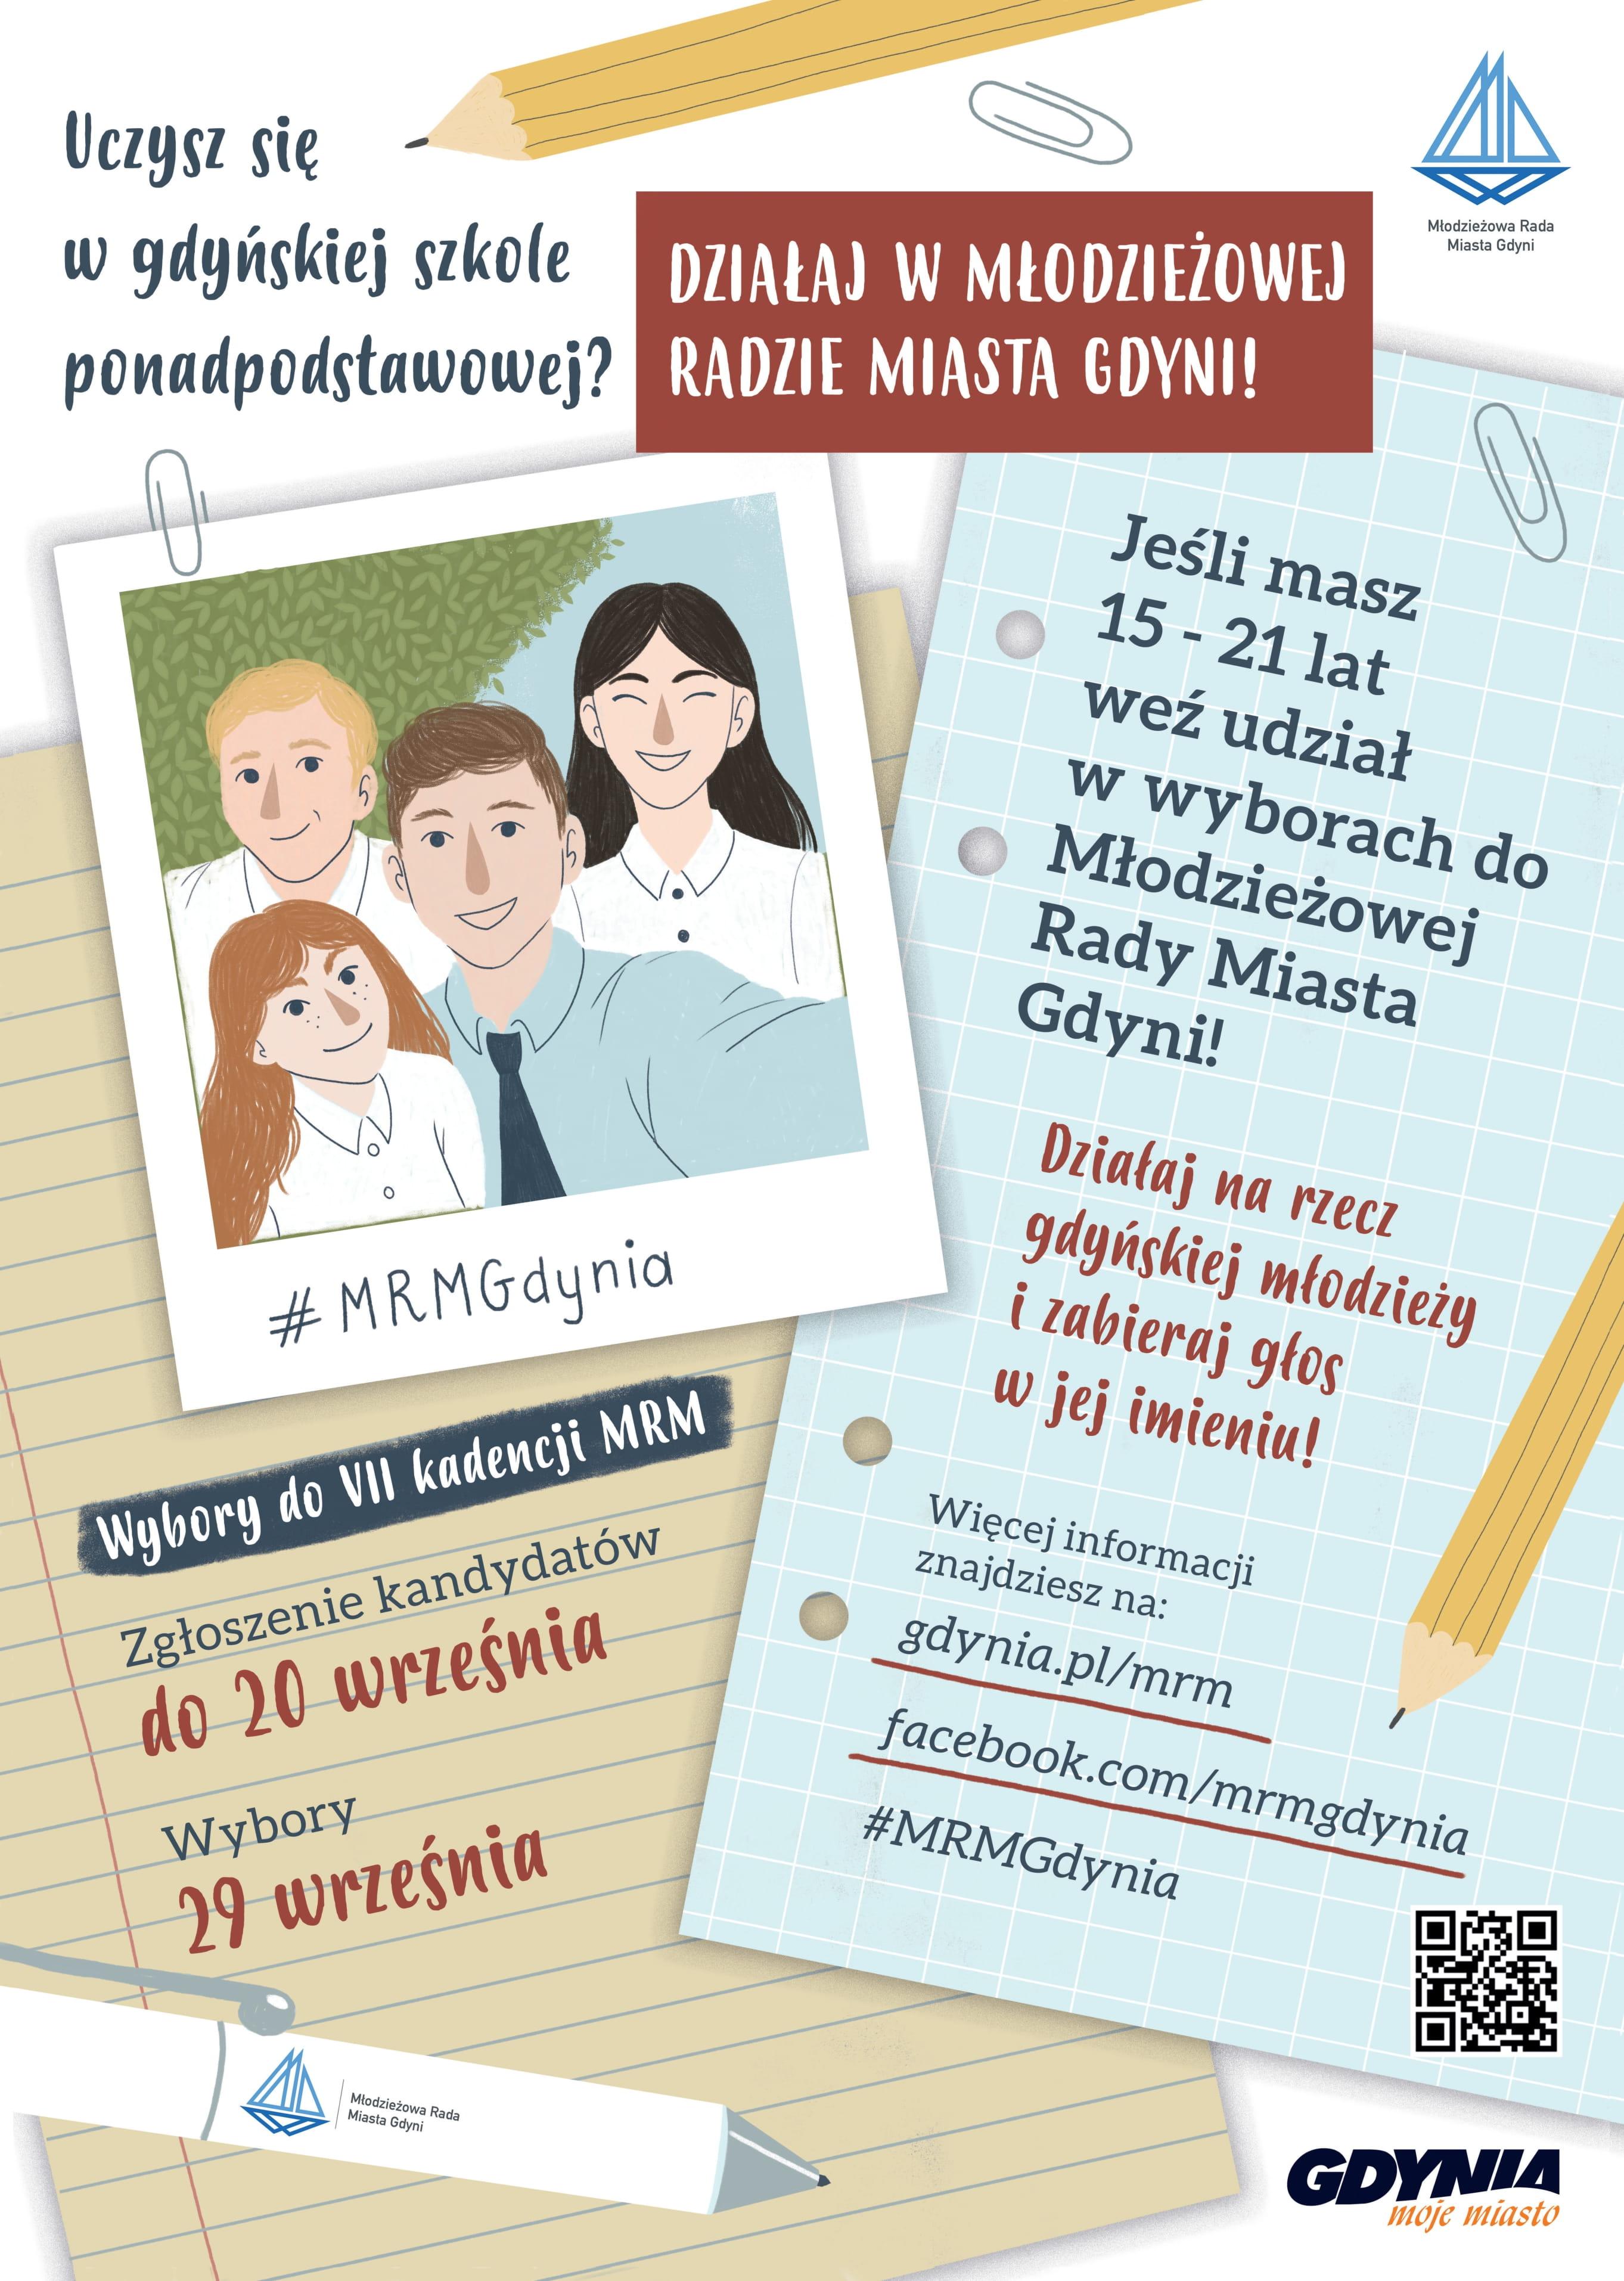 Plakat informujący o wyborach do Młodzieżowej Rady Miasta, skierowany do uczniów w wieku 15  - 21 lat. Zgłaszanie kandydatów do 20 września. Wybory 29 września